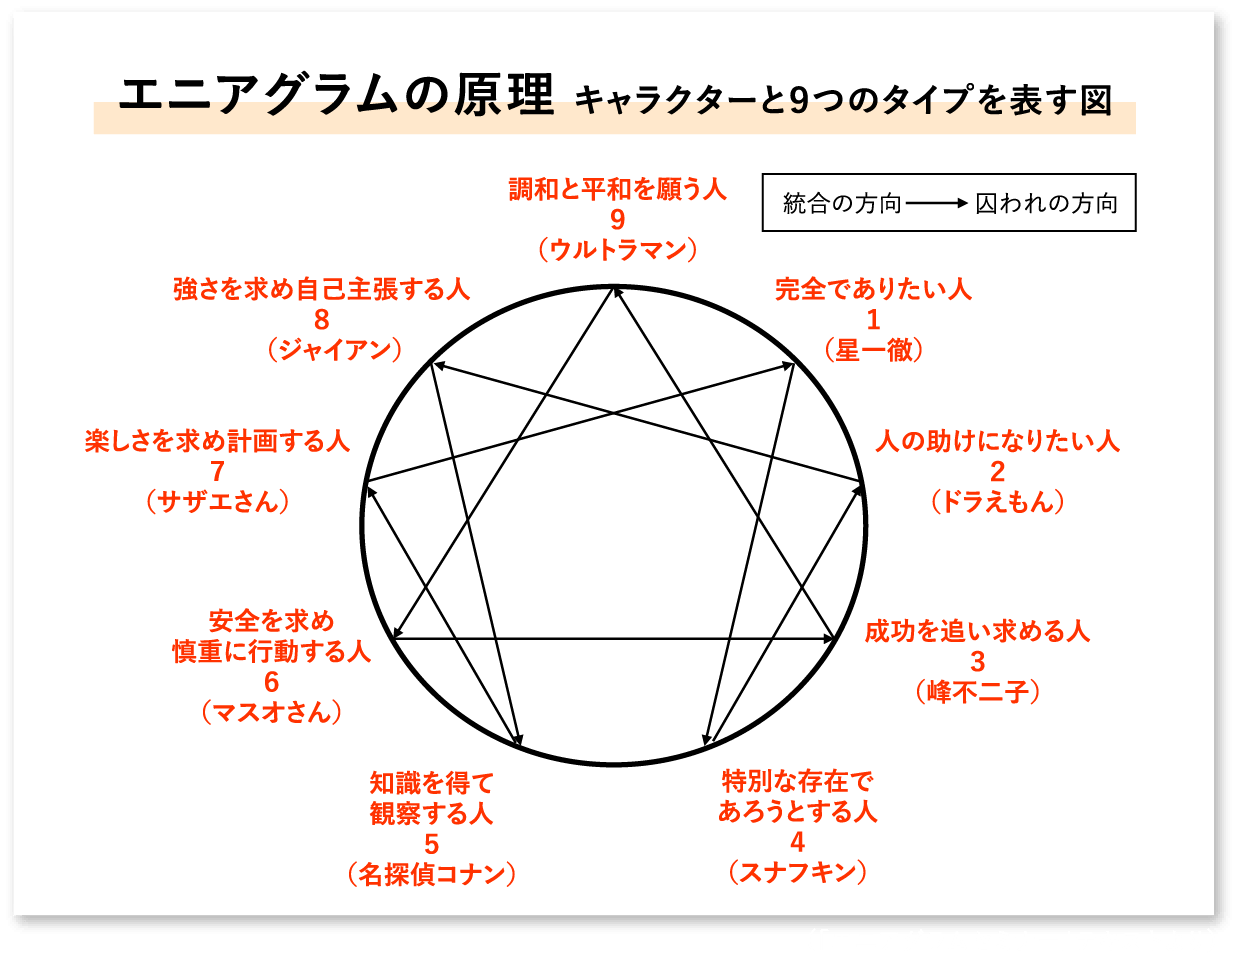 エニアグラムの原理